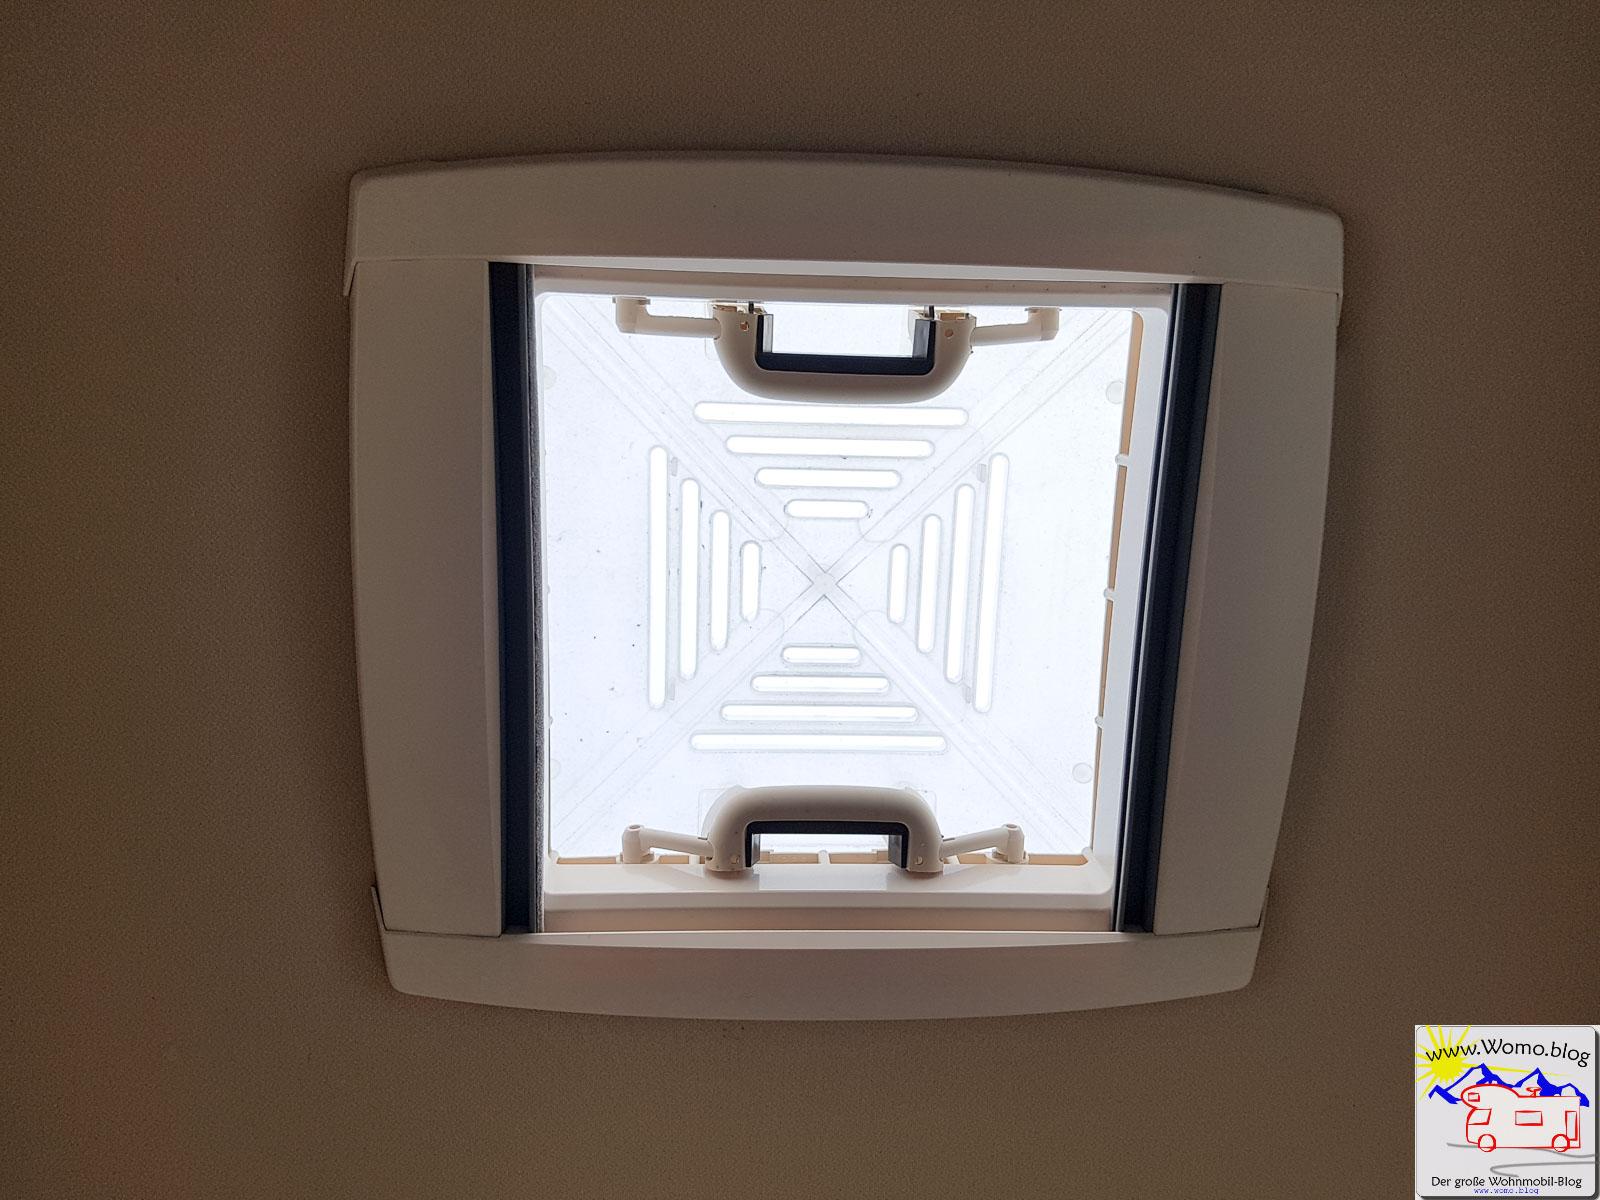 ein dometic heki ins wohnmobil einbauen wir zeigen wie es geht. Black Bedroom Furniture Sets. Home Design Ideas